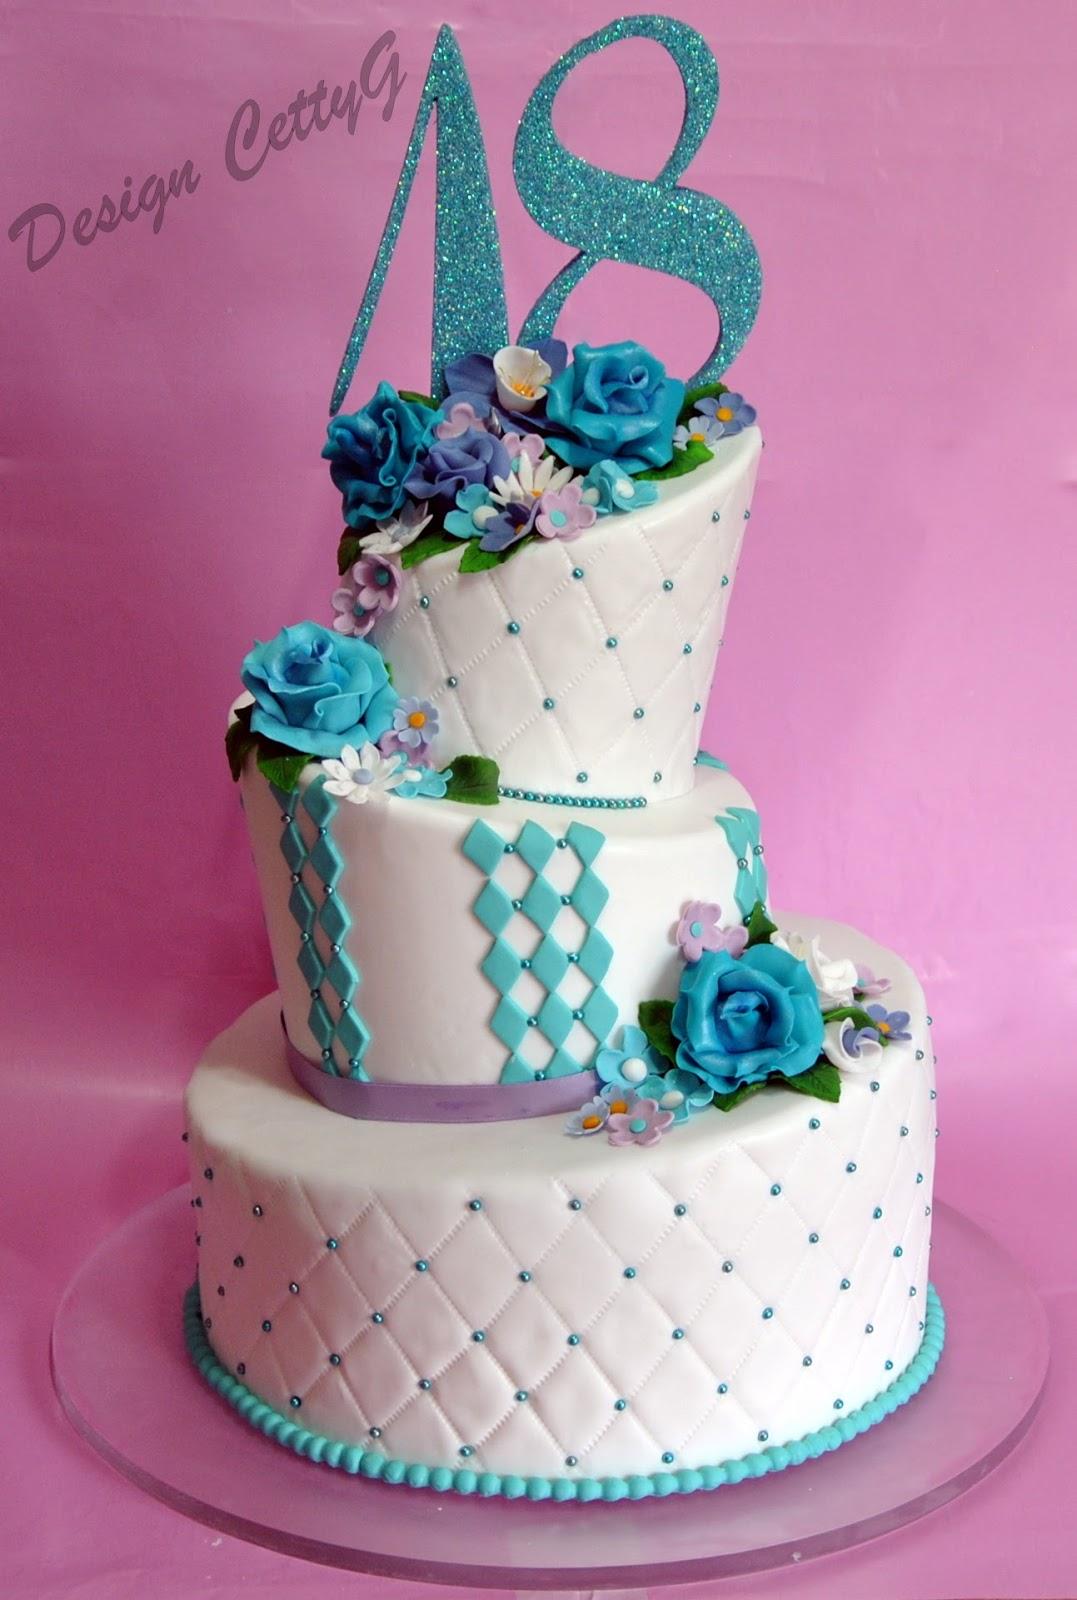 Wonky cake 18 anni le torte decorate di cettyg for Torte per 18 anni maschile